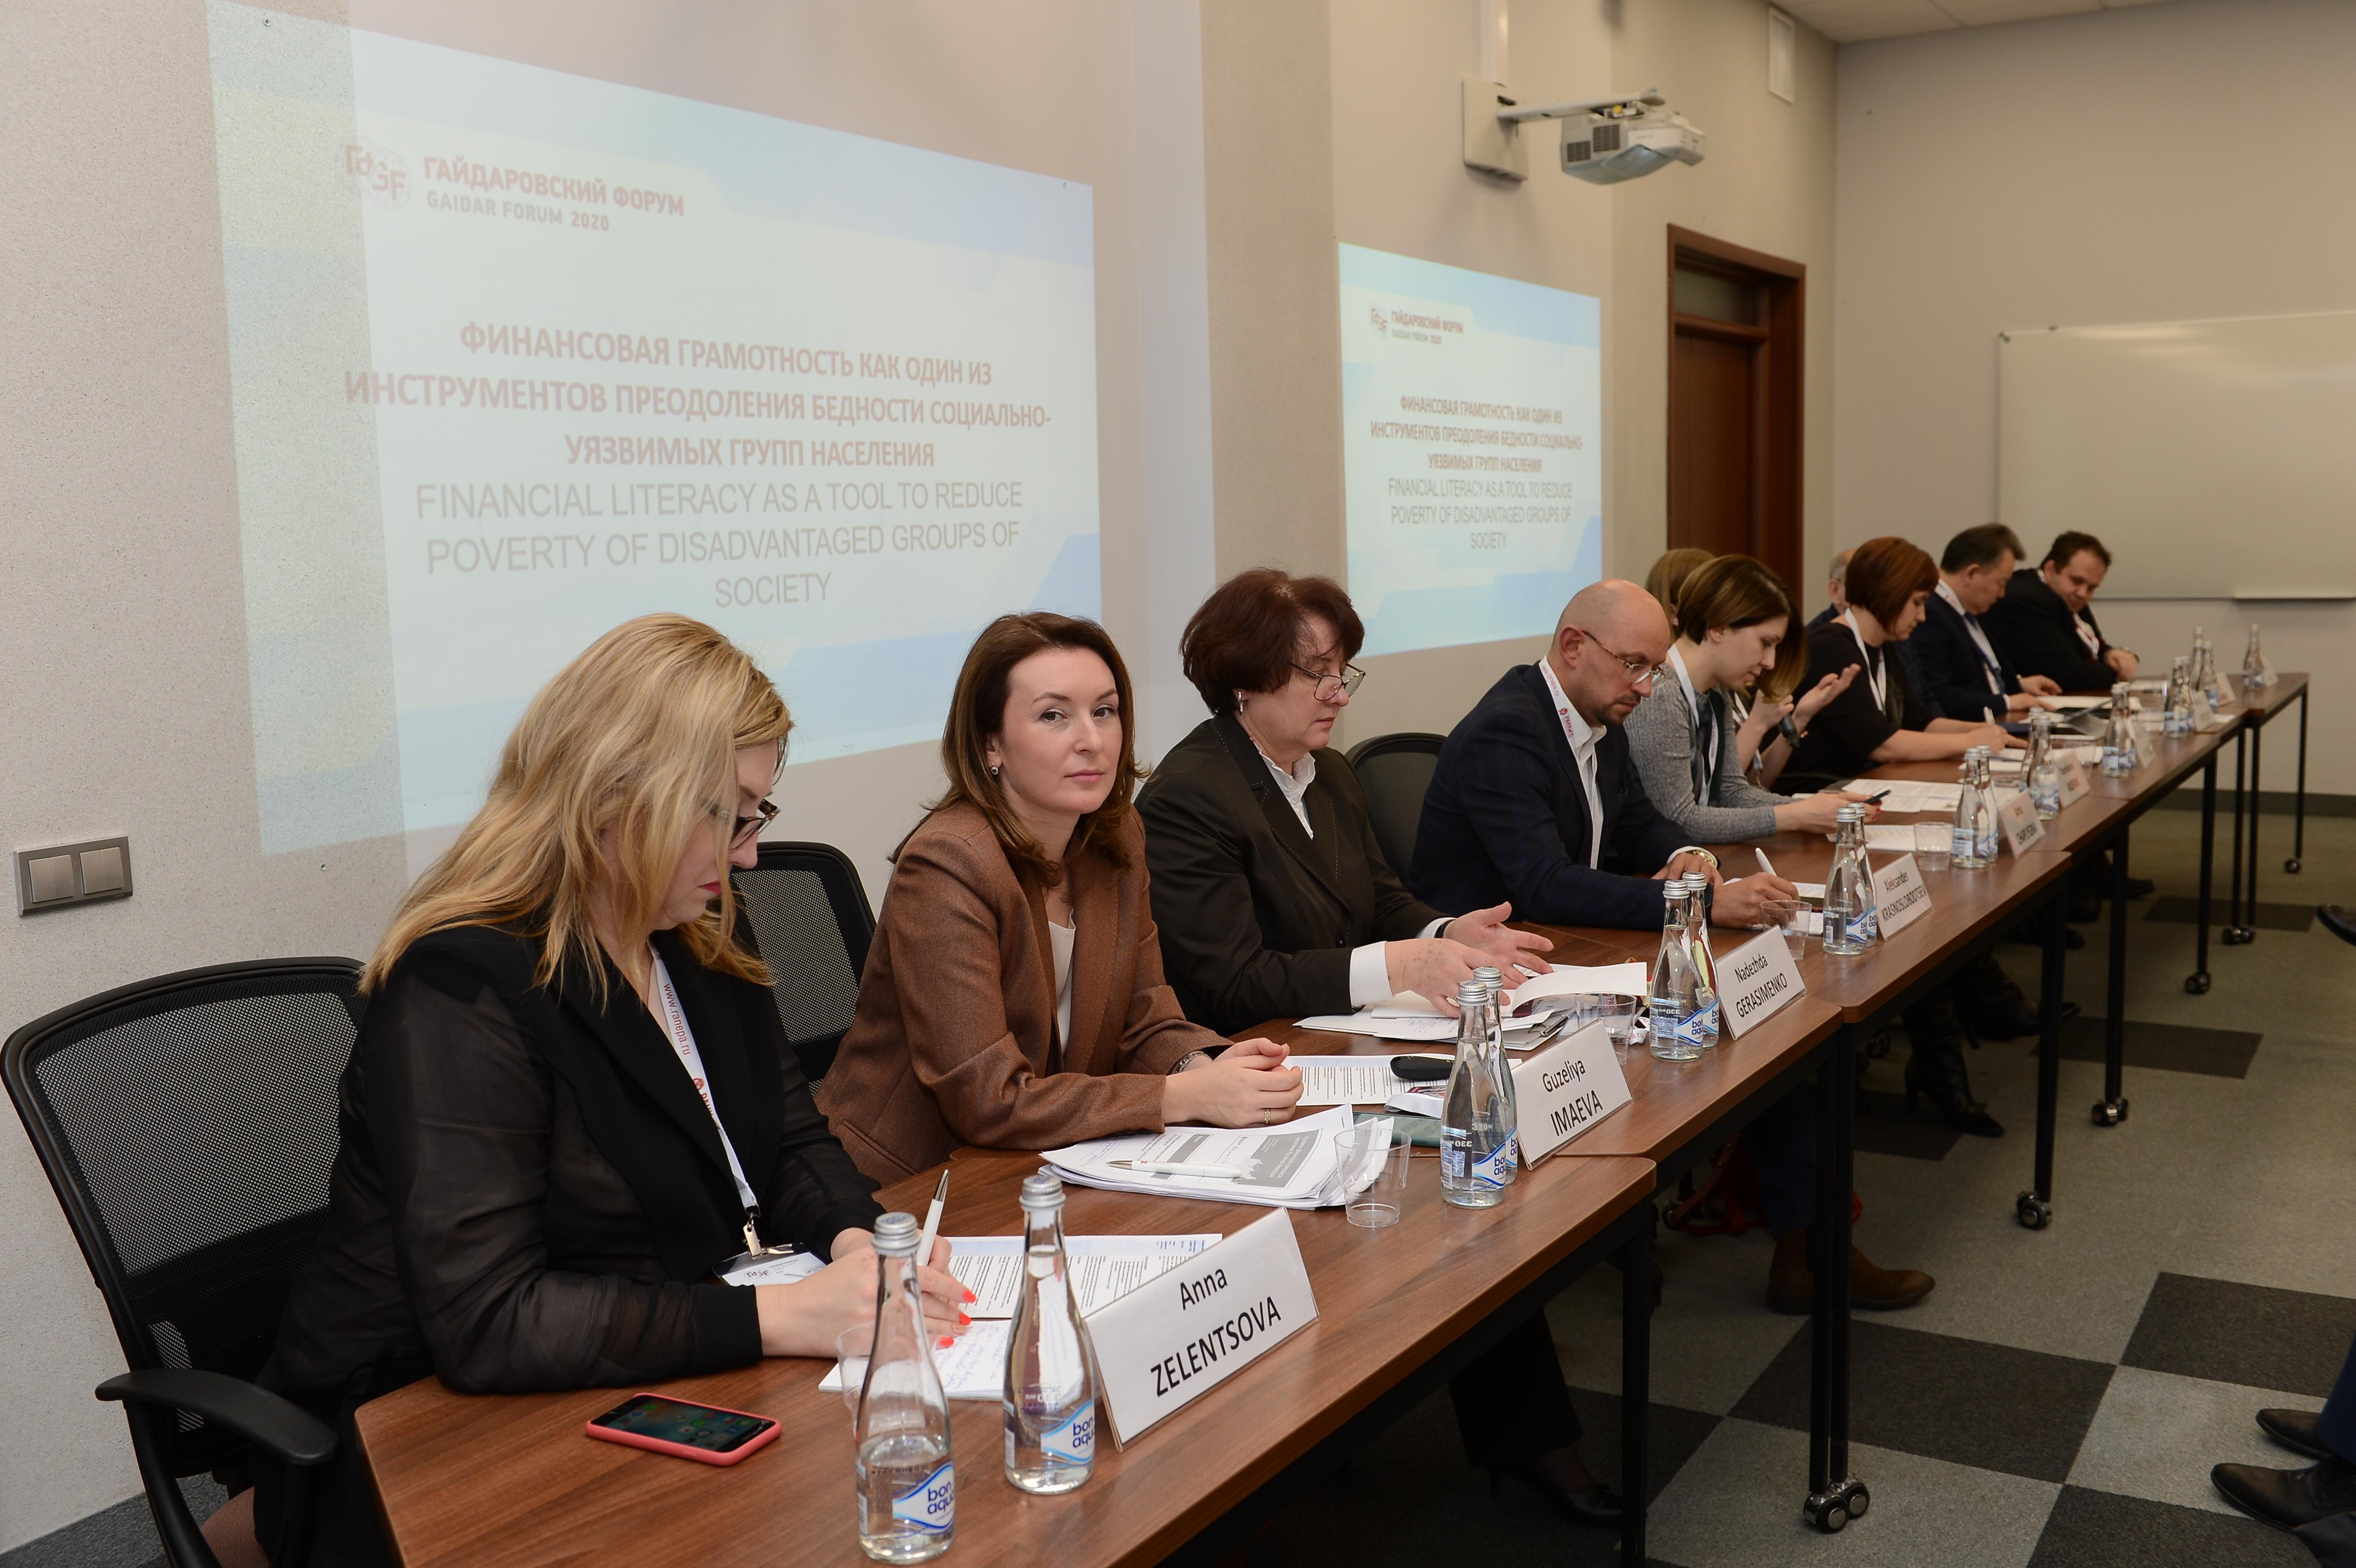 На Гайдаровском форуме обсудили вопросы финансового образования социально незащищенных слоев населения